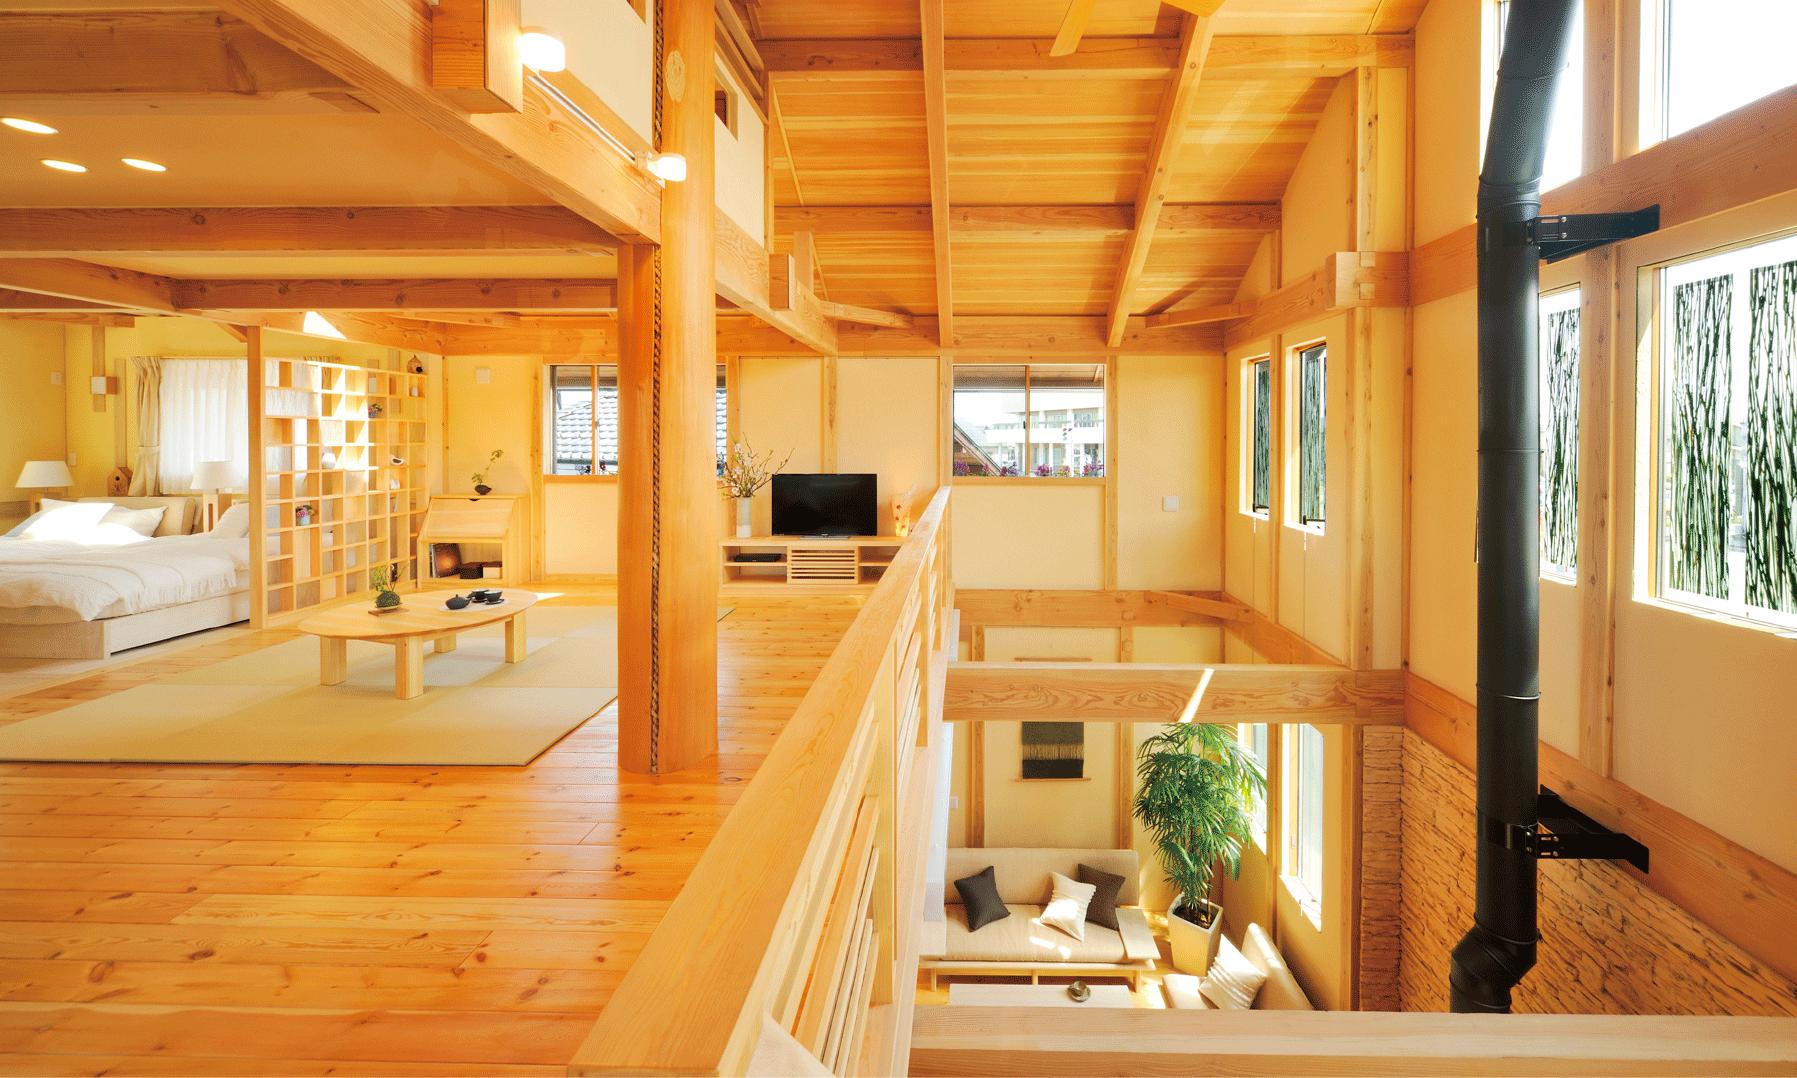 夢ハウスオリジナル薪ストーブ「AURORA」(オーロラ)で暖かく素敵な住まいを。